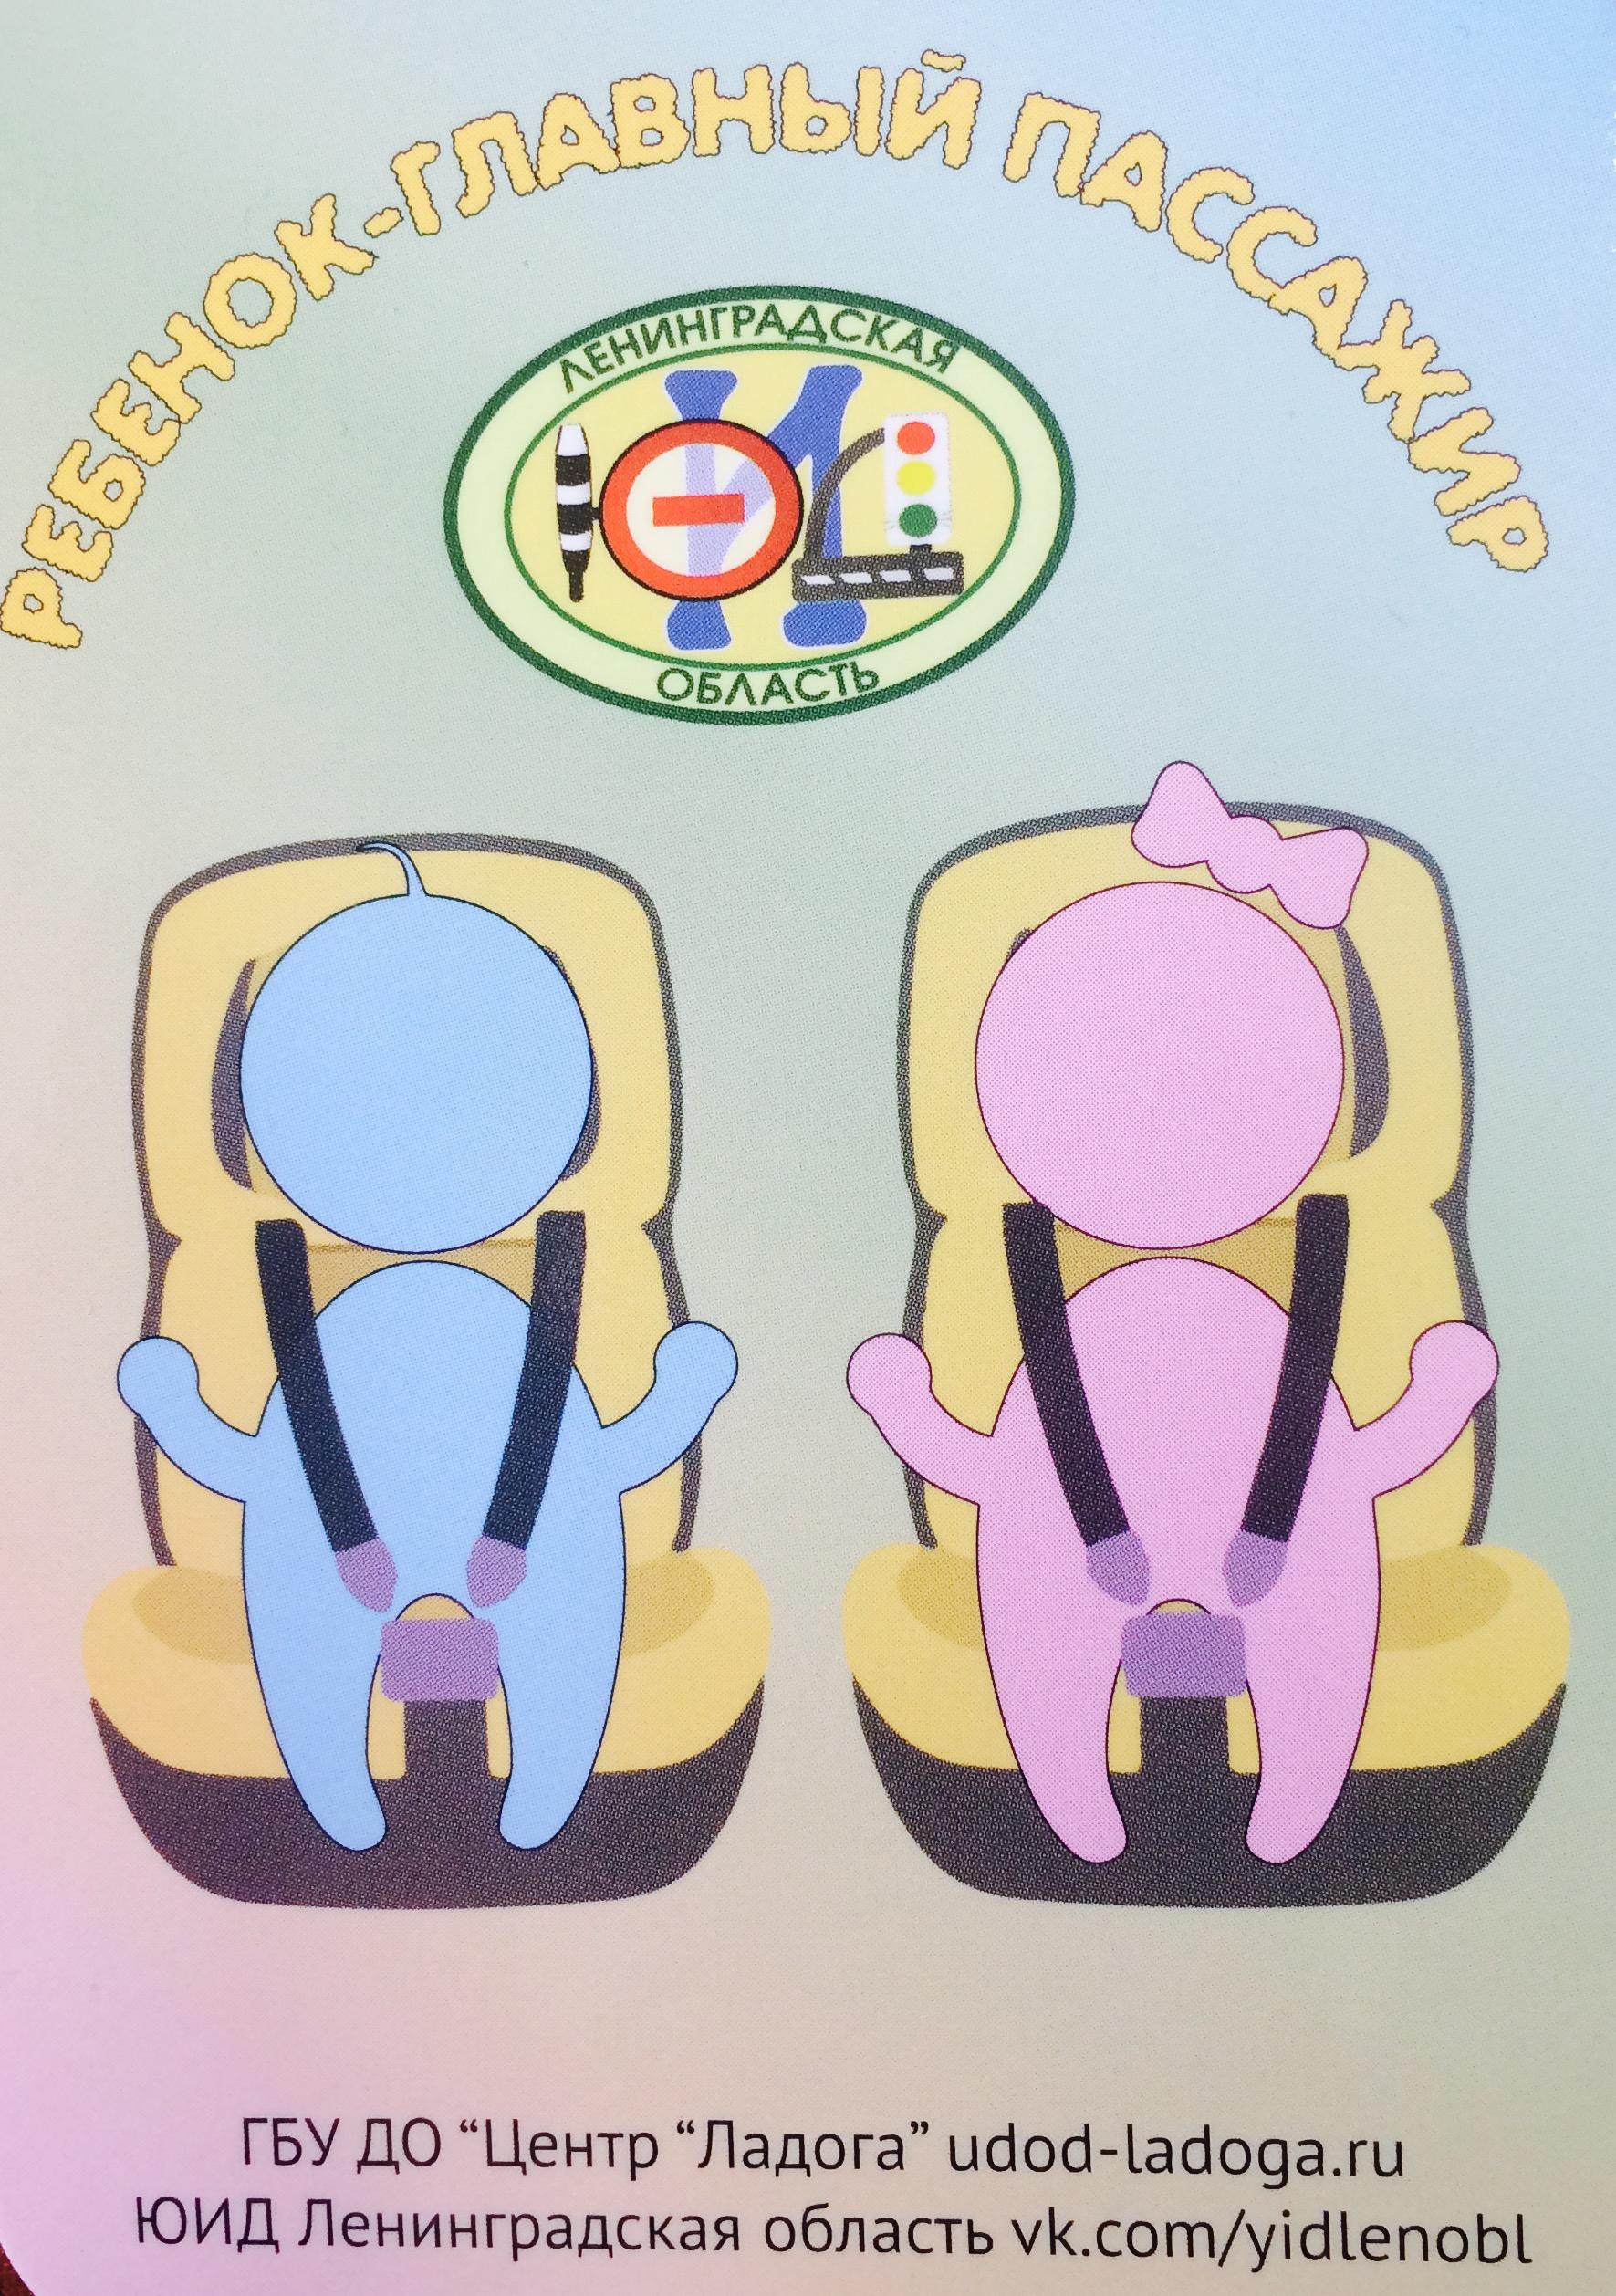 Ребенок — главный пассажир